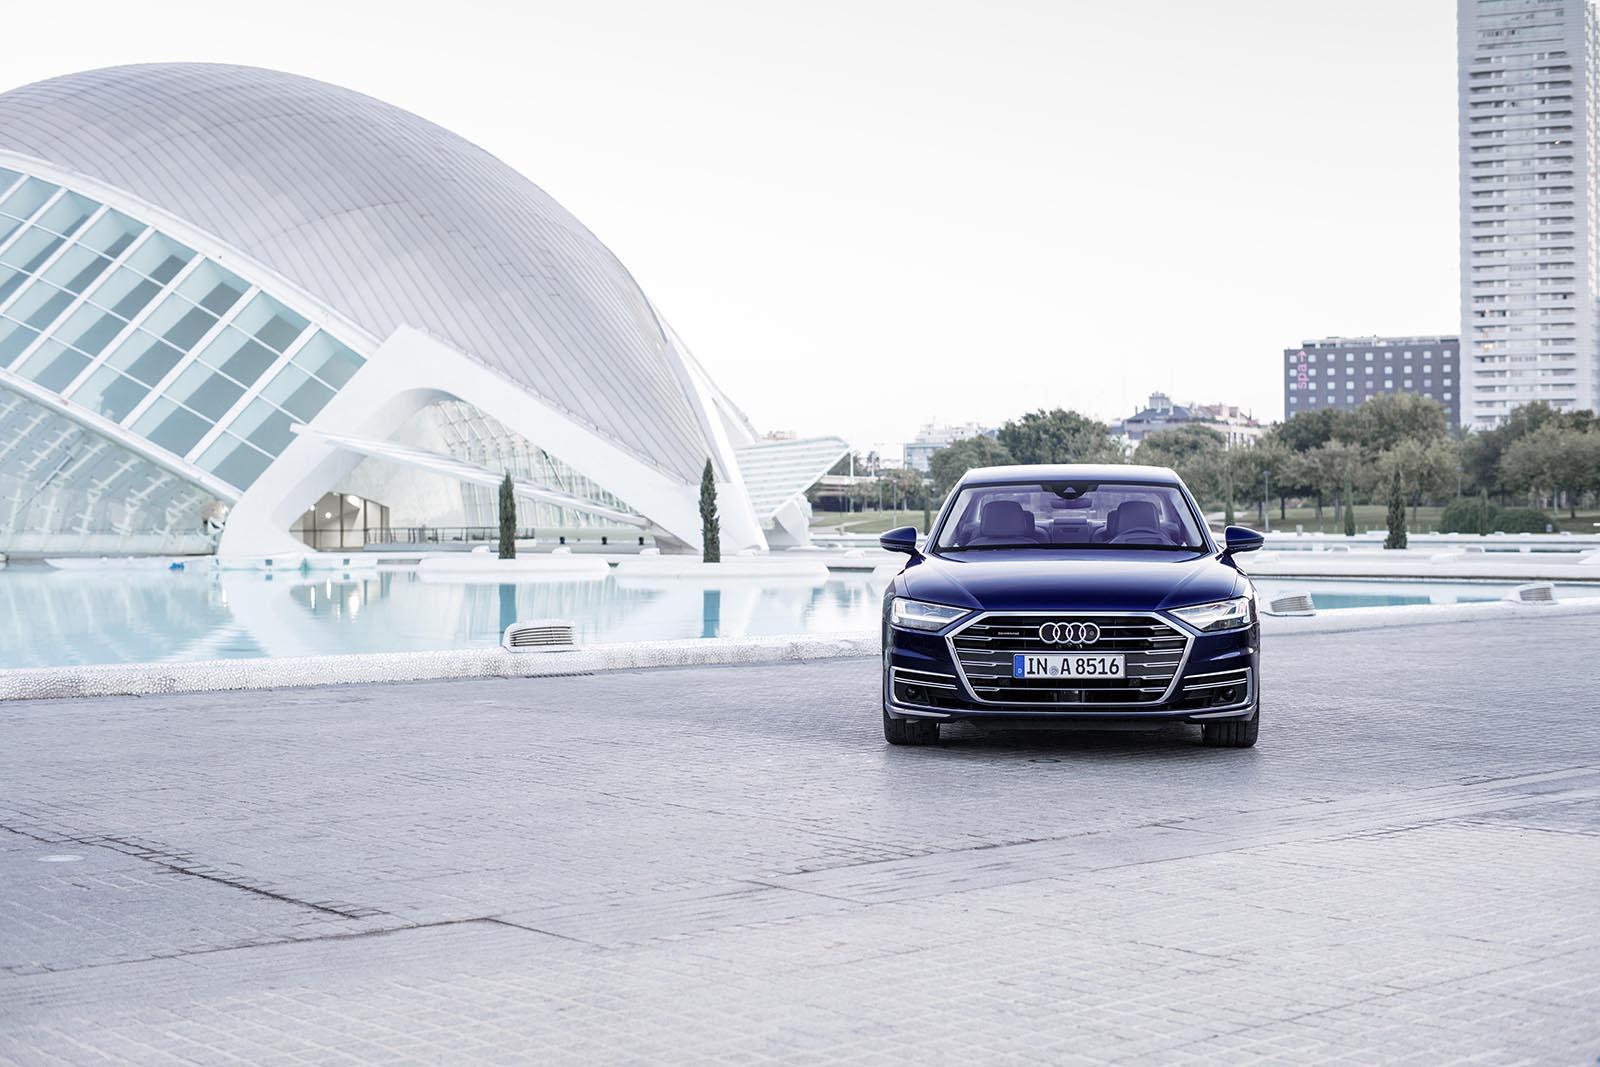 台灣奧迪於今日正式宣布全新世代Audi A8車系預售價自398萬起,並於預售階段導入A8 50 TDI quattro以及A8 L 55 TFSI quattro Premium 兩種不同配備等級車款,預售活動亦將同步於今日開跑!